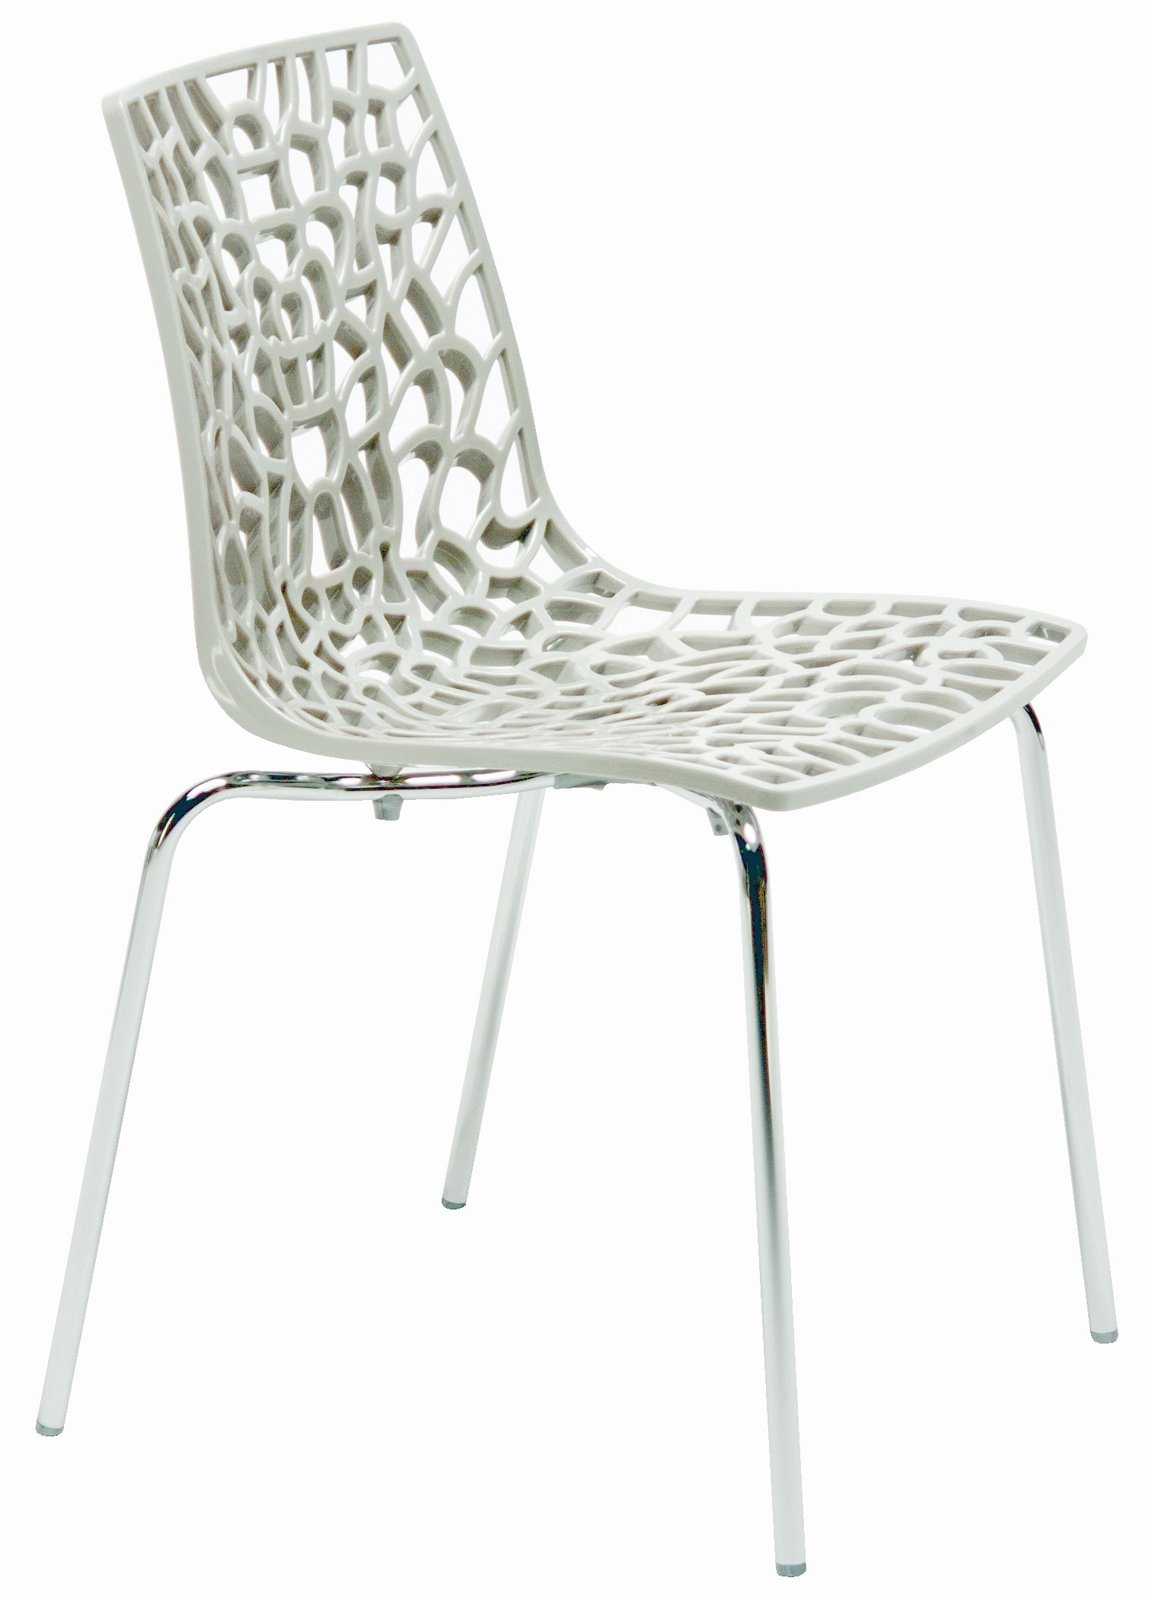 Sedie low cost 15 modelli a meno di 100 euro cose di casa for Ikea sedie per scrivania